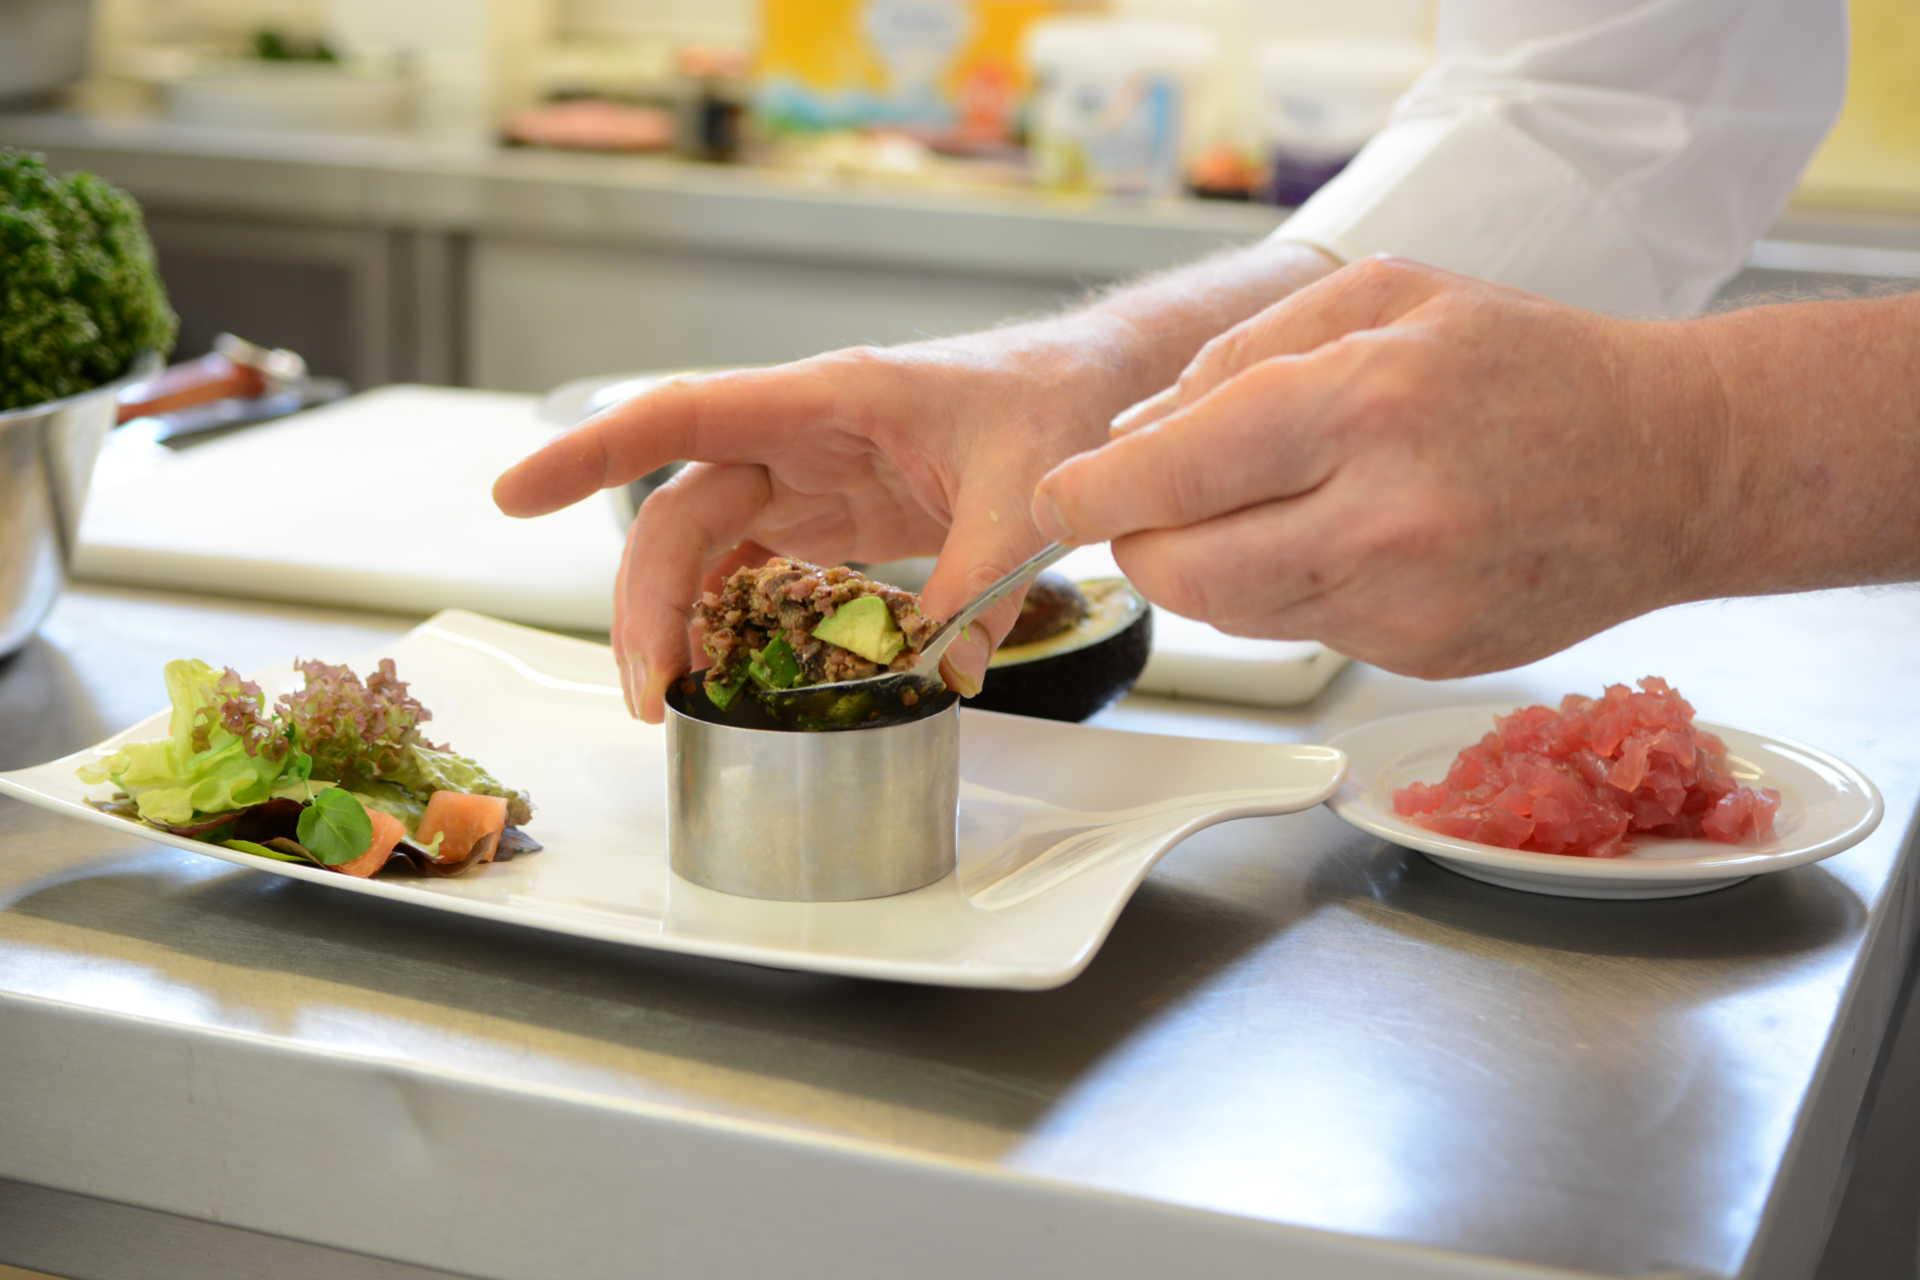 Anrichten der Speisen in der Küche